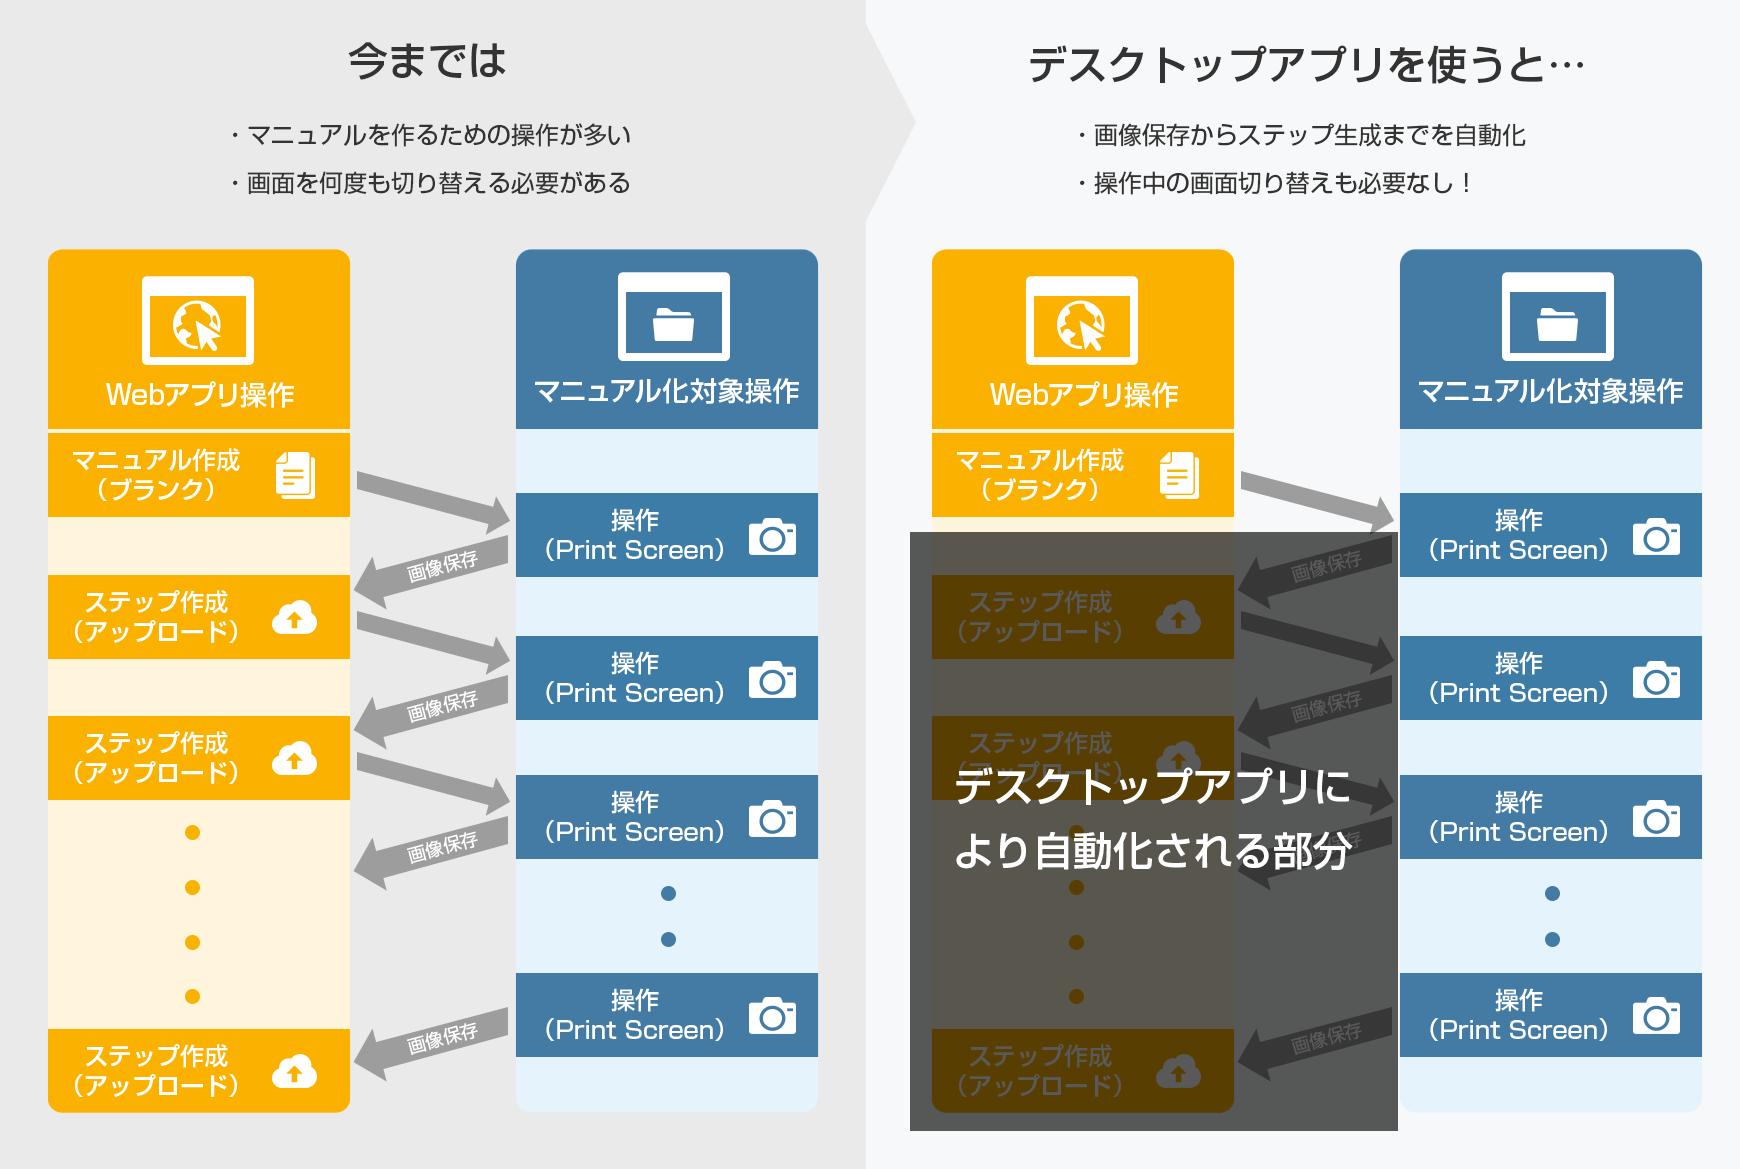 機能比較、Teachme Biz Windows用デスクトップアプリによる自動化イメージ